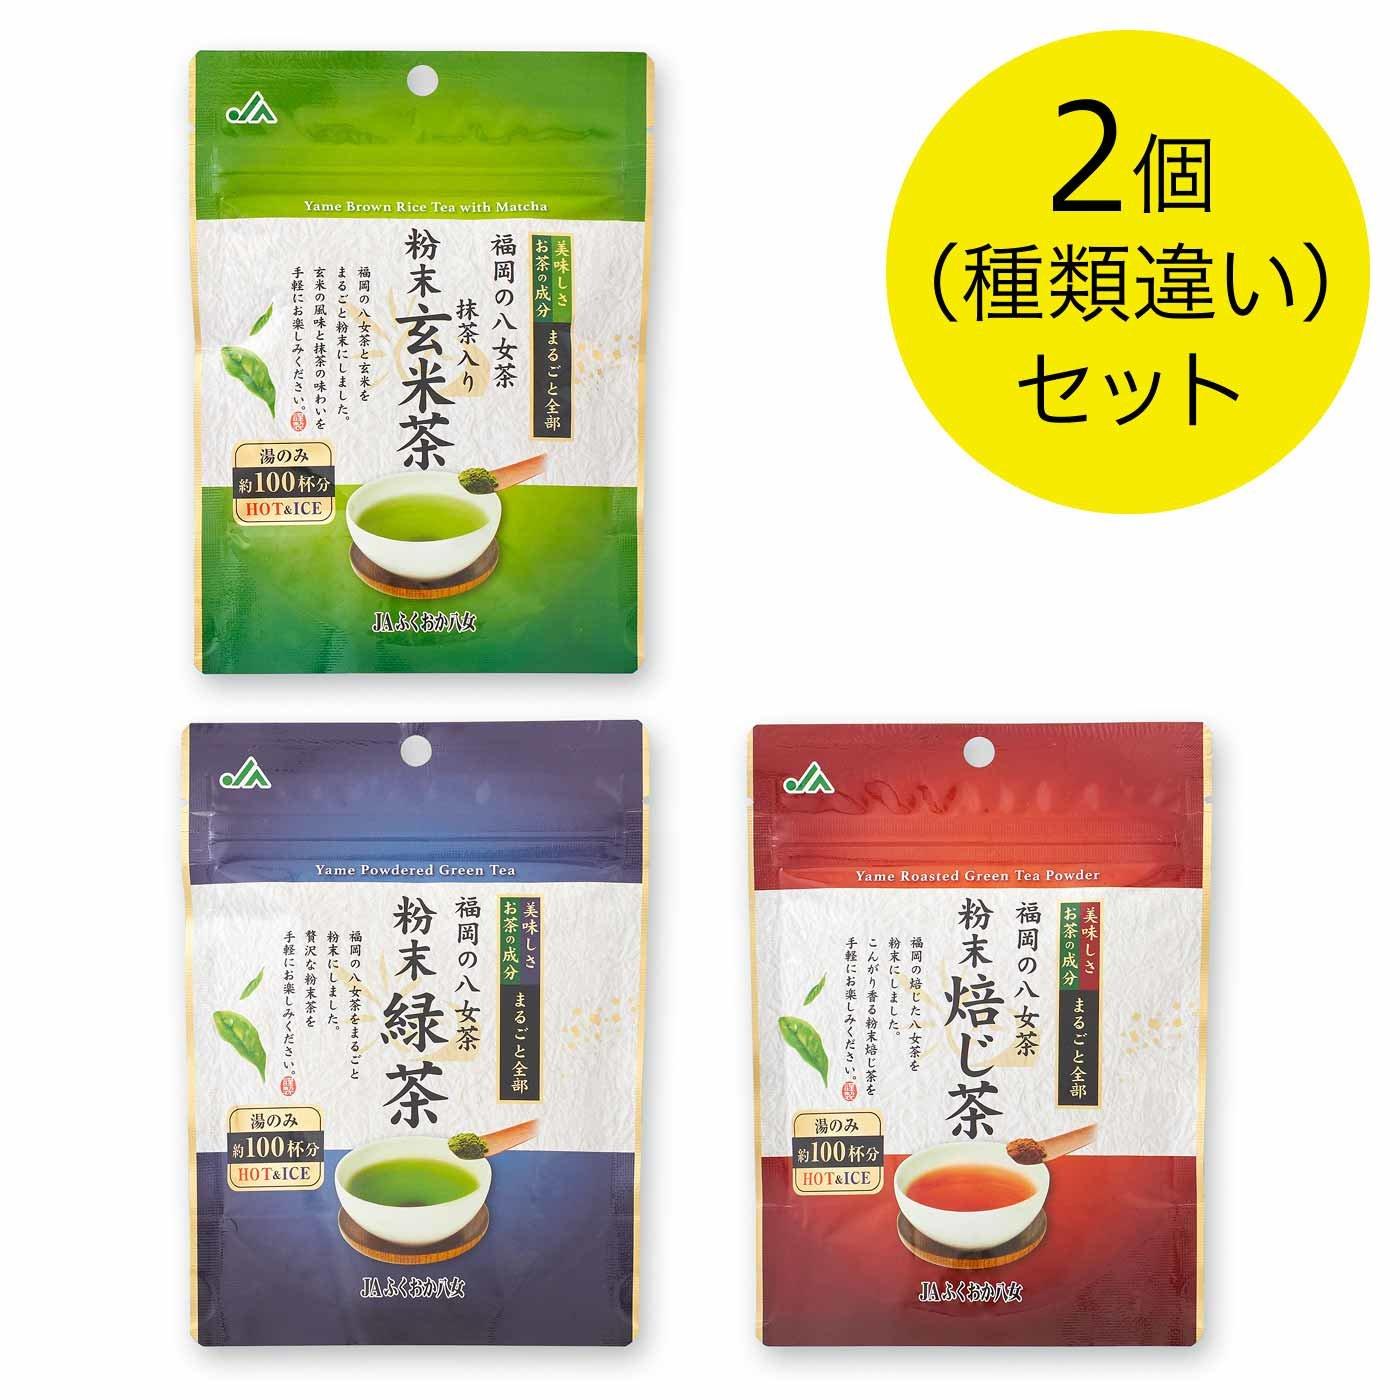 純農 手軽な毎日お茶習慣 100杯飲める! ふくおか八女の粉末茶の会(6回予約)